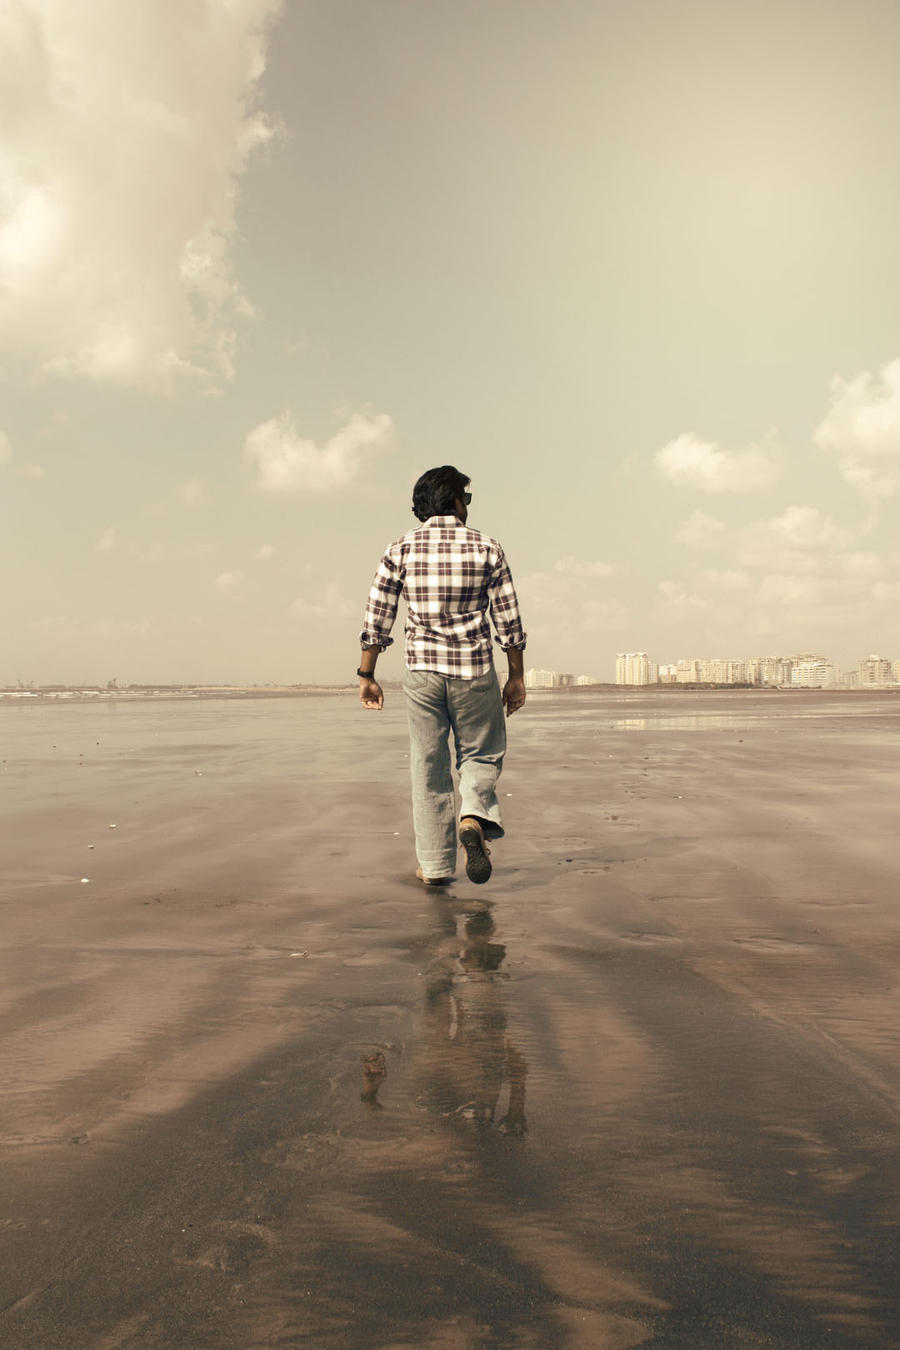 Walking away #2 by photoholic2 on DeviantArt